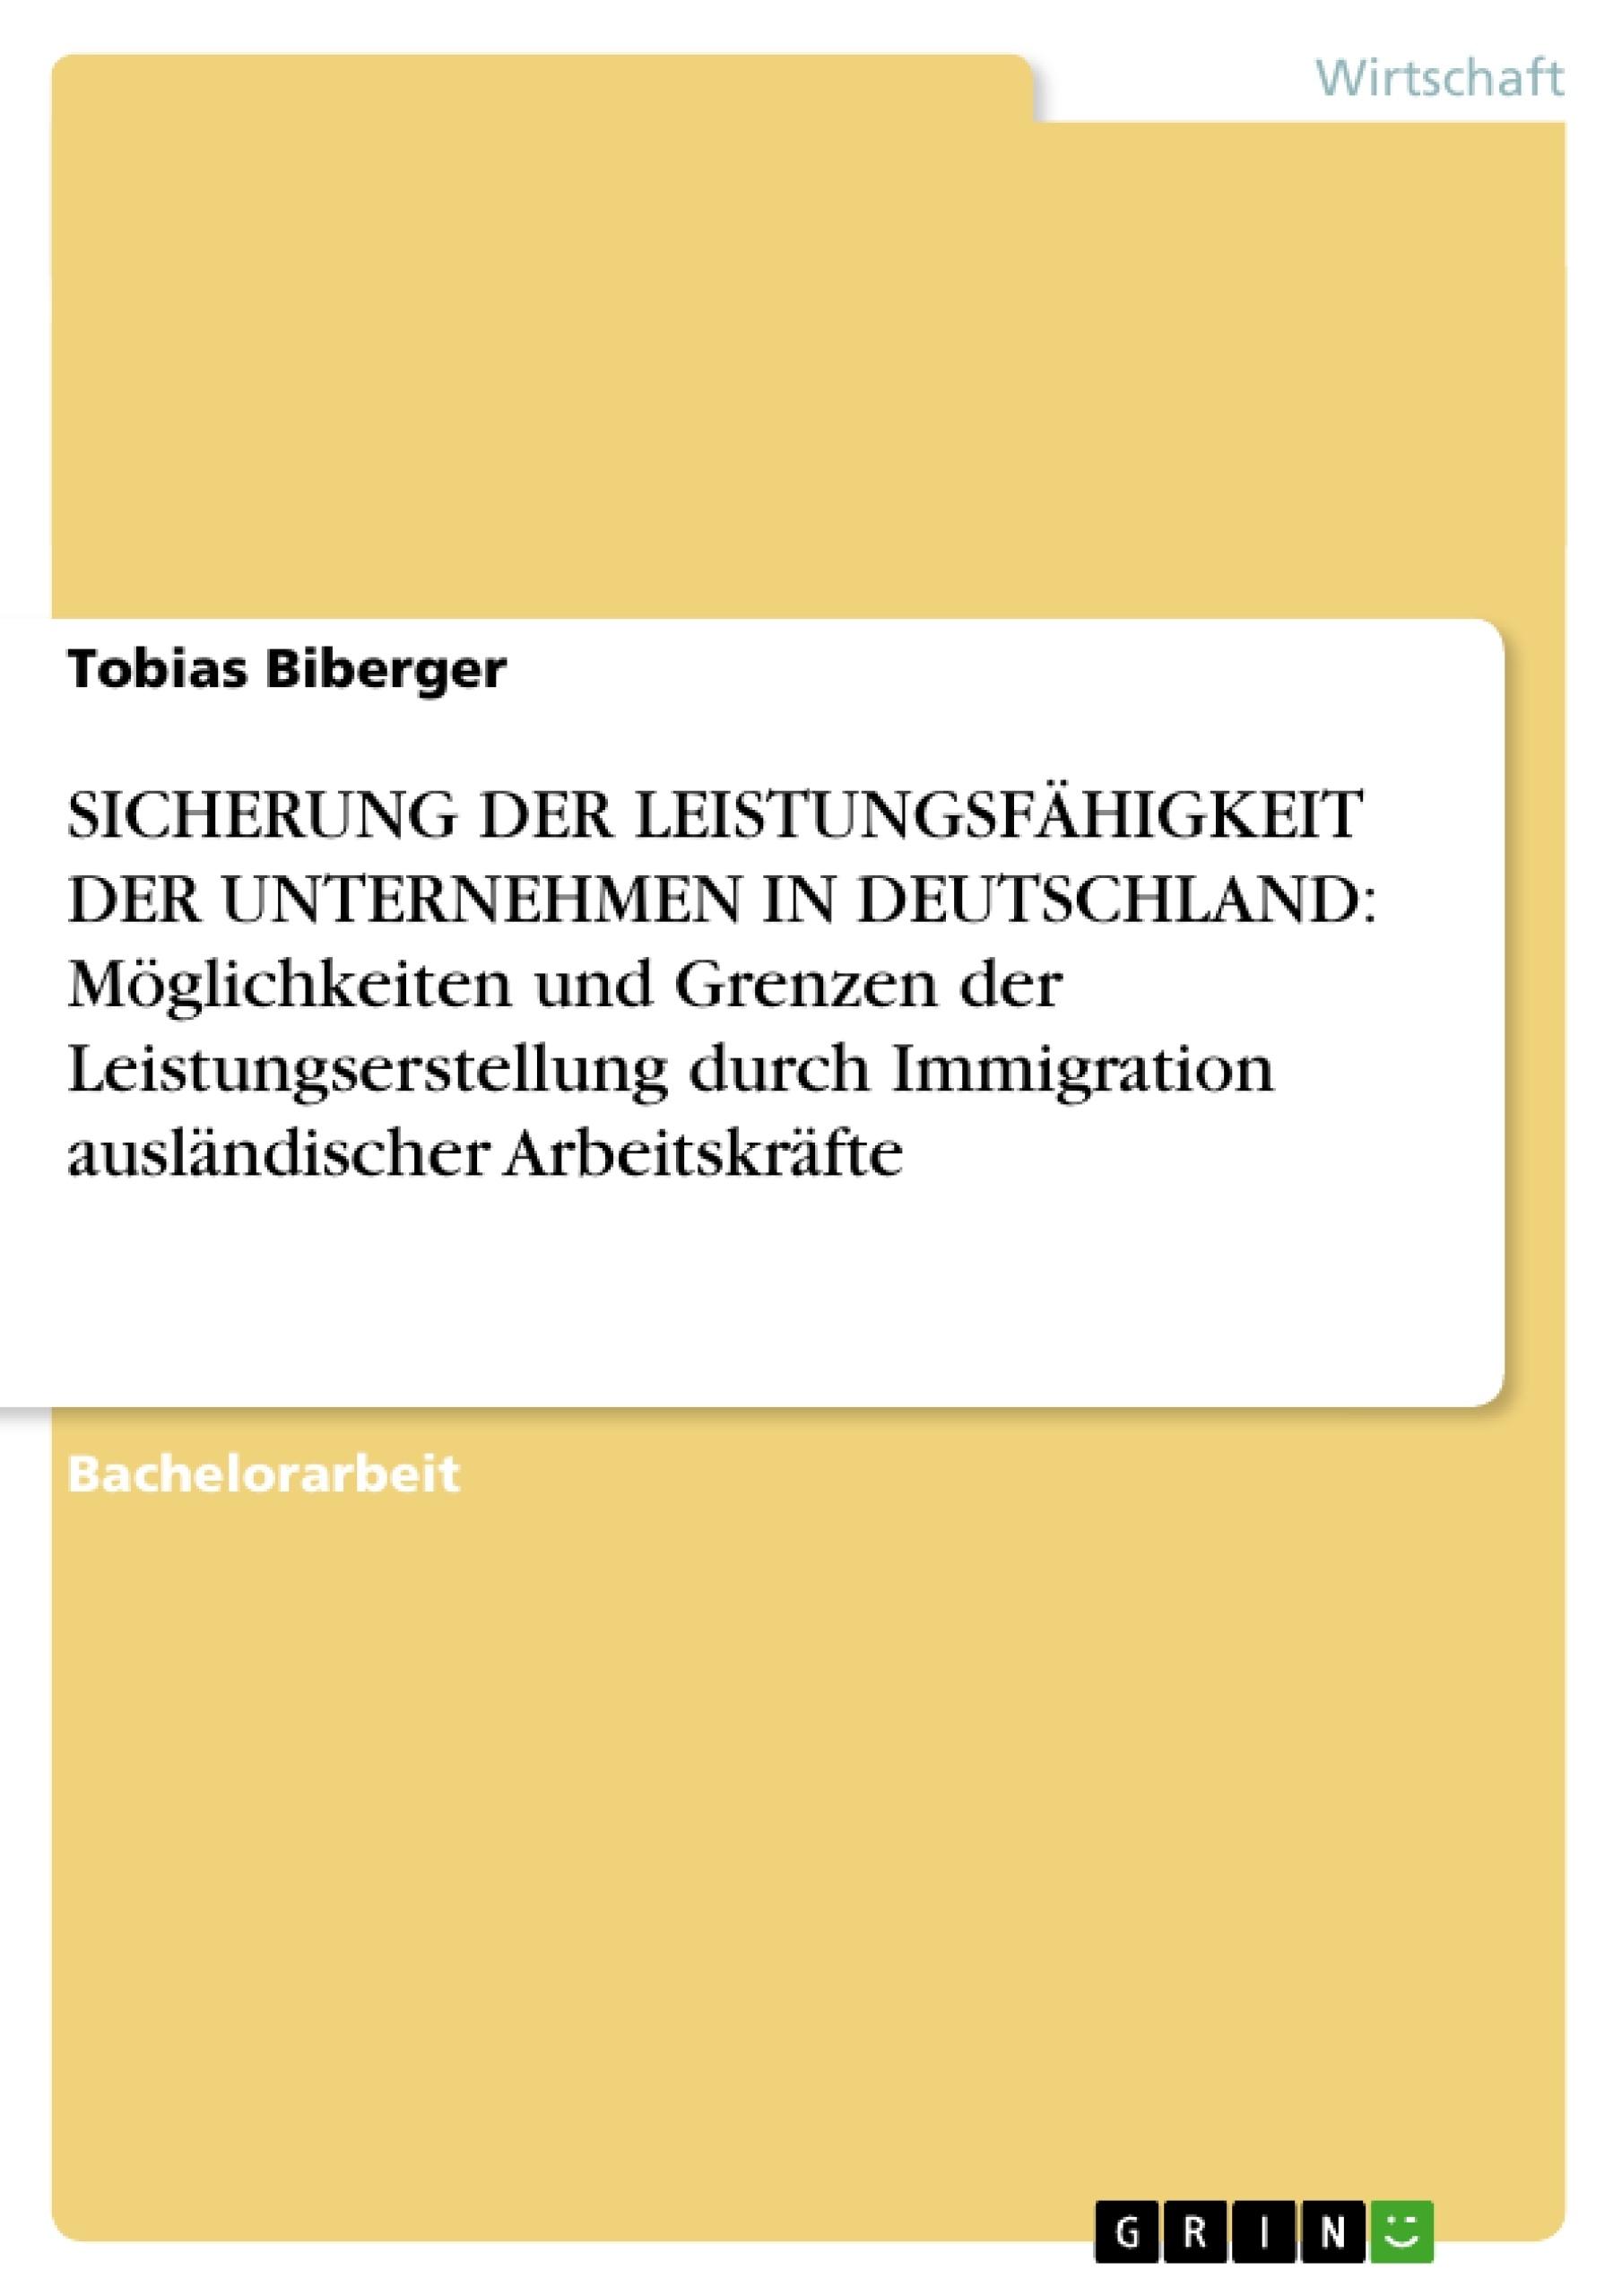 Titel: SICHERUNG DER LEISTUNGSFÄHIGKEIT DER UNTERNEHMEN IN DEUTSCHLAND: Möglichkeiten und Grenzen der Leistungserstellung durch Immigration ausländischer Arbeitskräfte